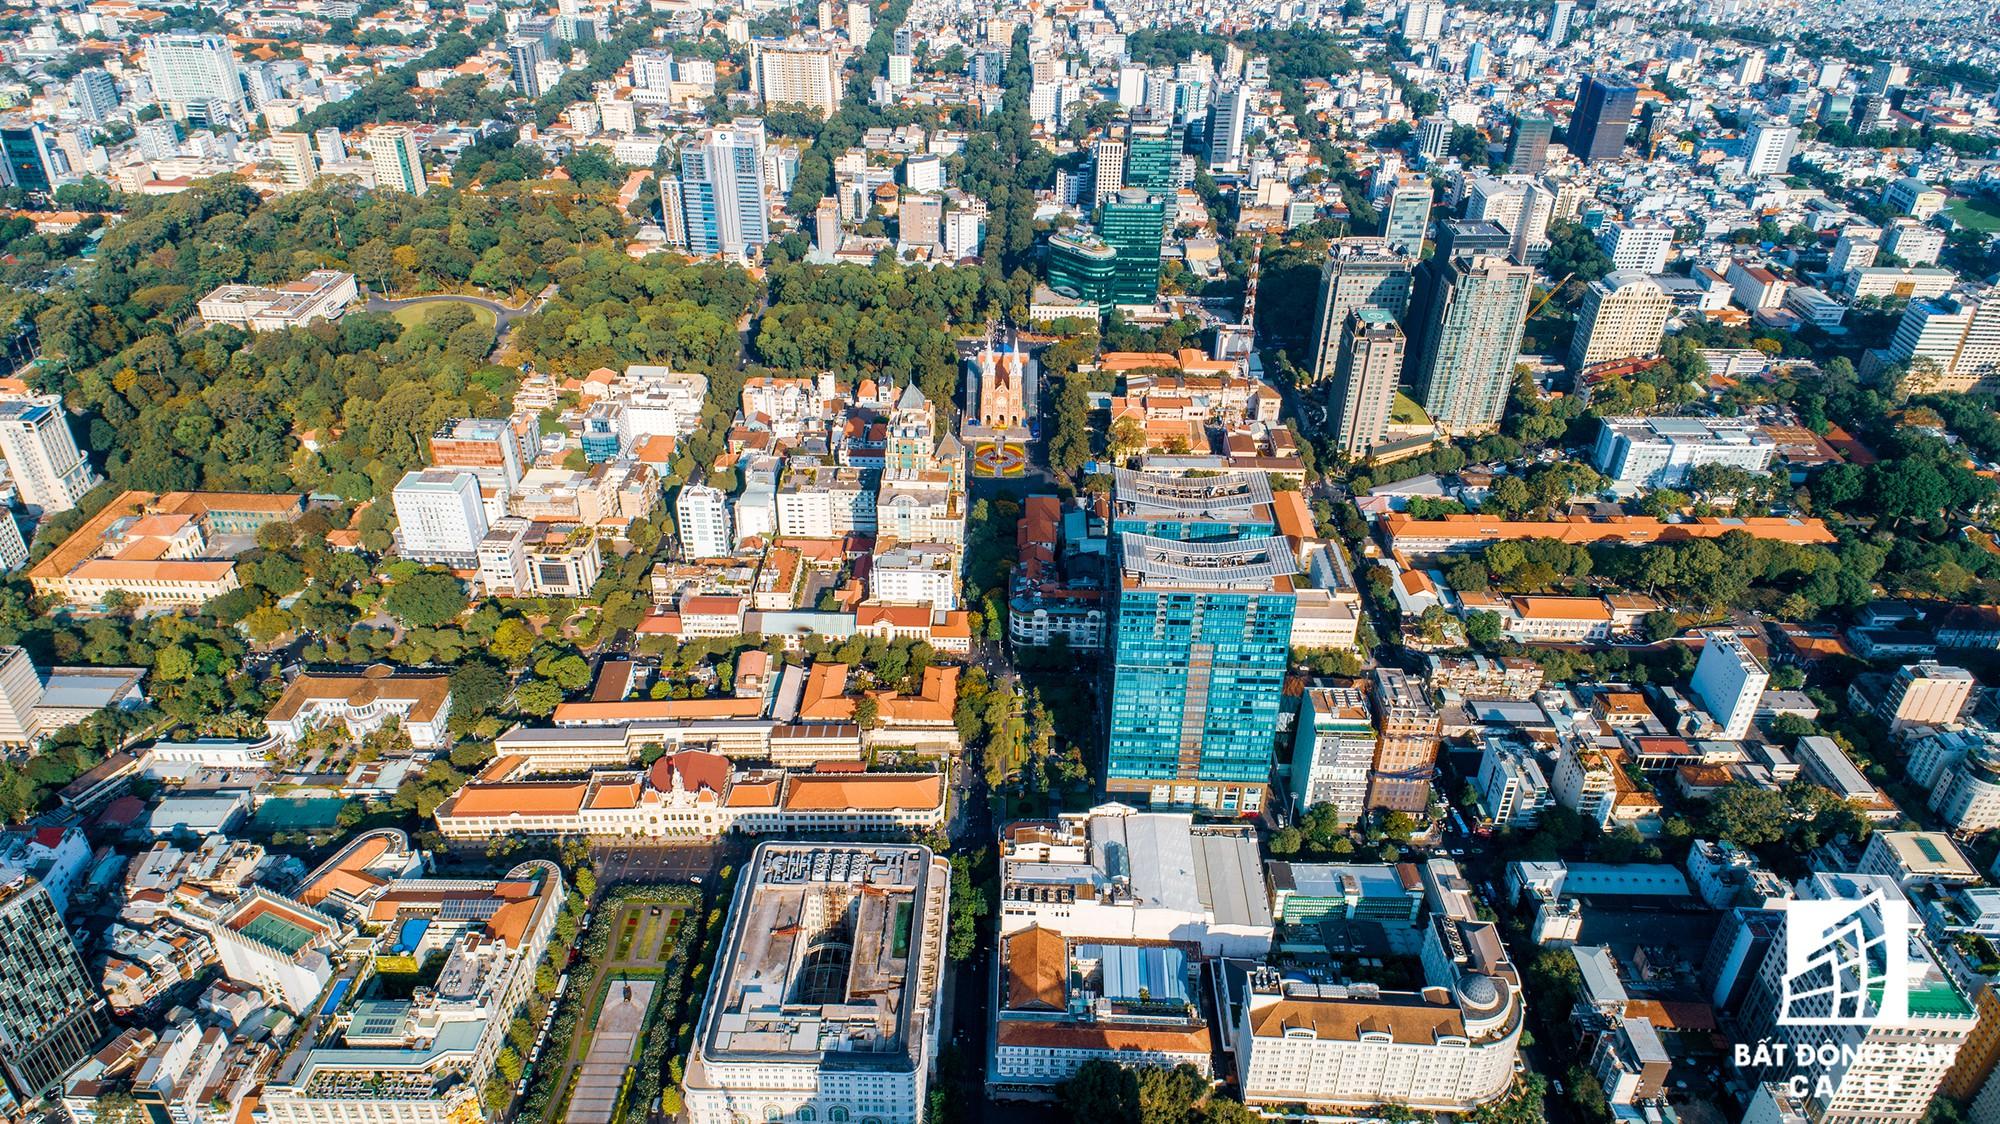 Toàn cảnh con đường có giá bất động sản đắt đỏ nhất Việt Nam, lên tới 2 tỷ đồng một m2 - Ảnh 2.